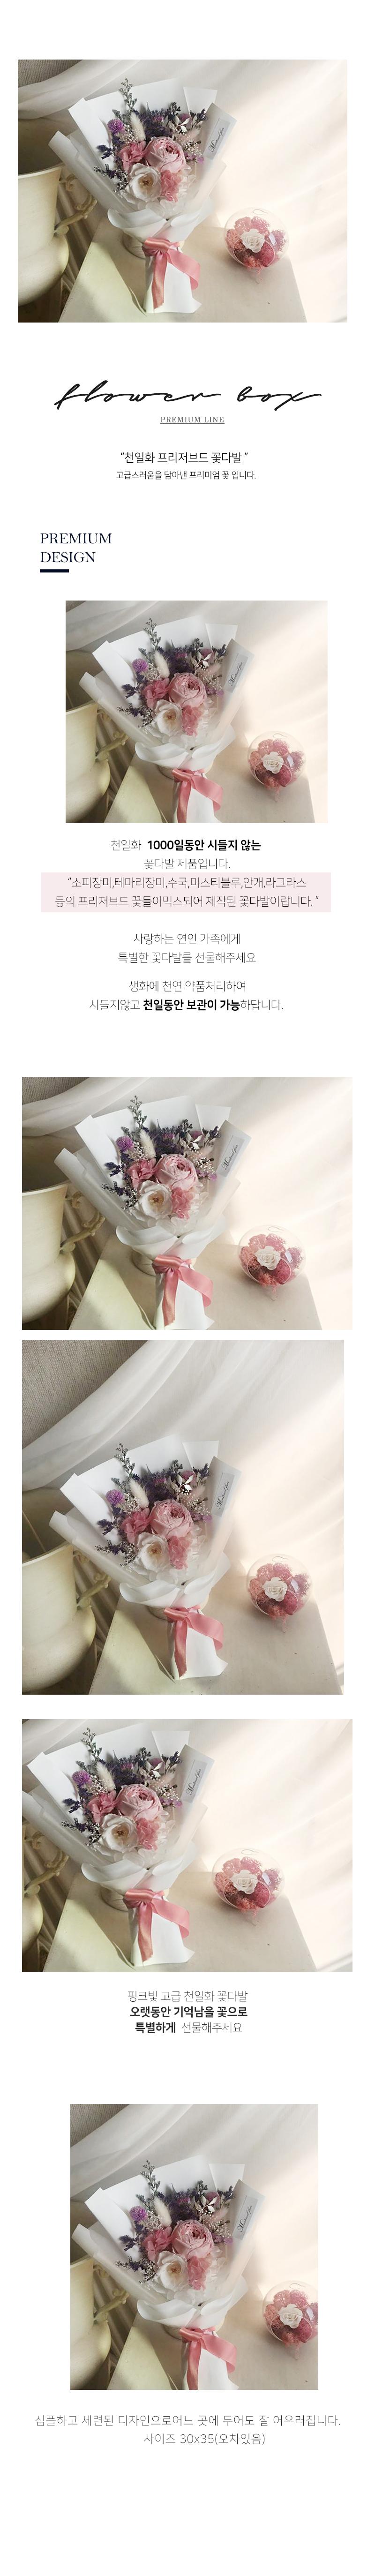 프리저브드 드라이플라워 꽃다발 - 마티날플레르, 33,500원, 플라워(생화), 꽃다발/꽃바구니